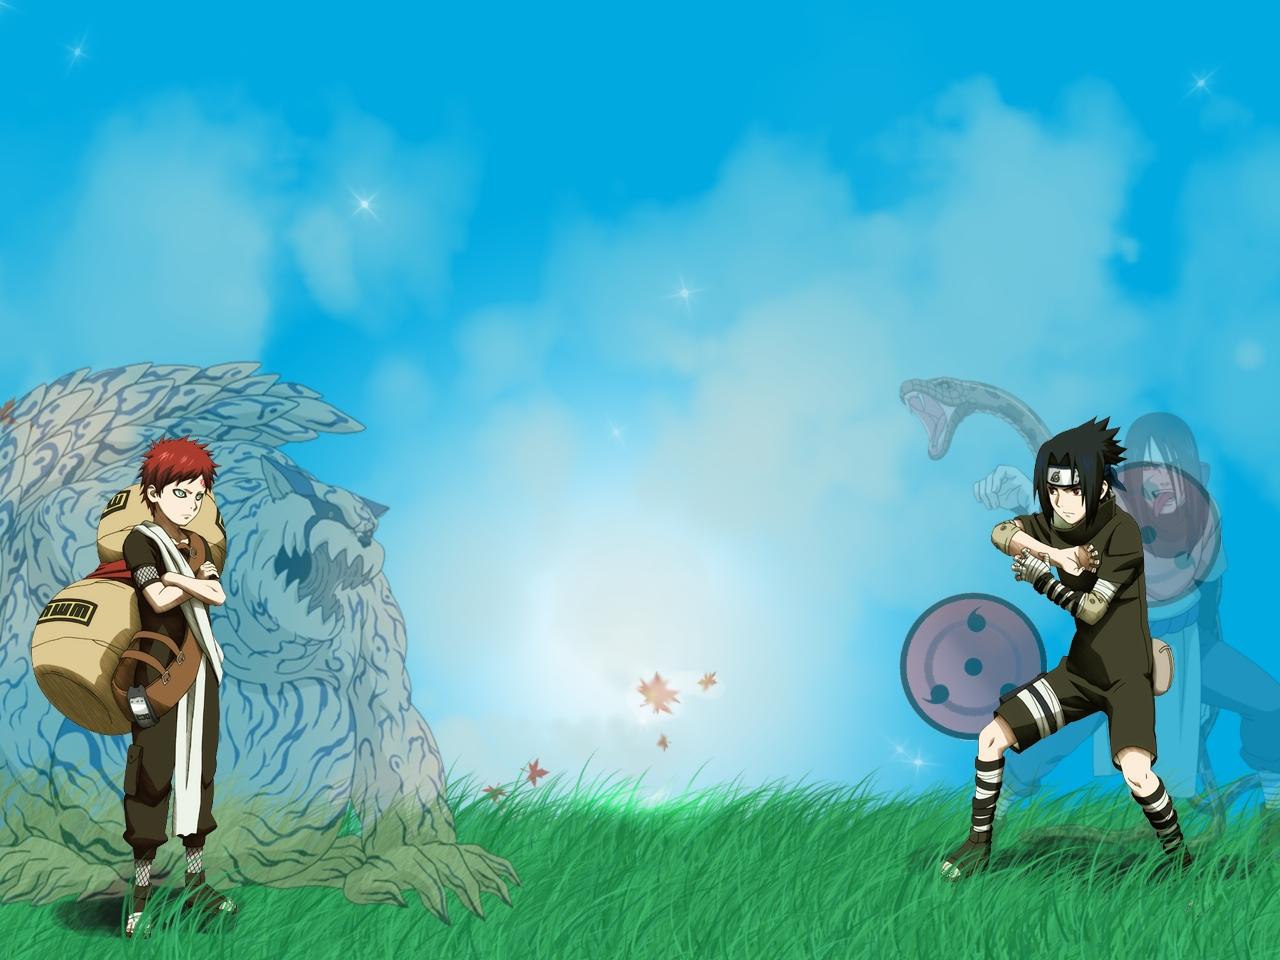 Sasuke vs Gaara